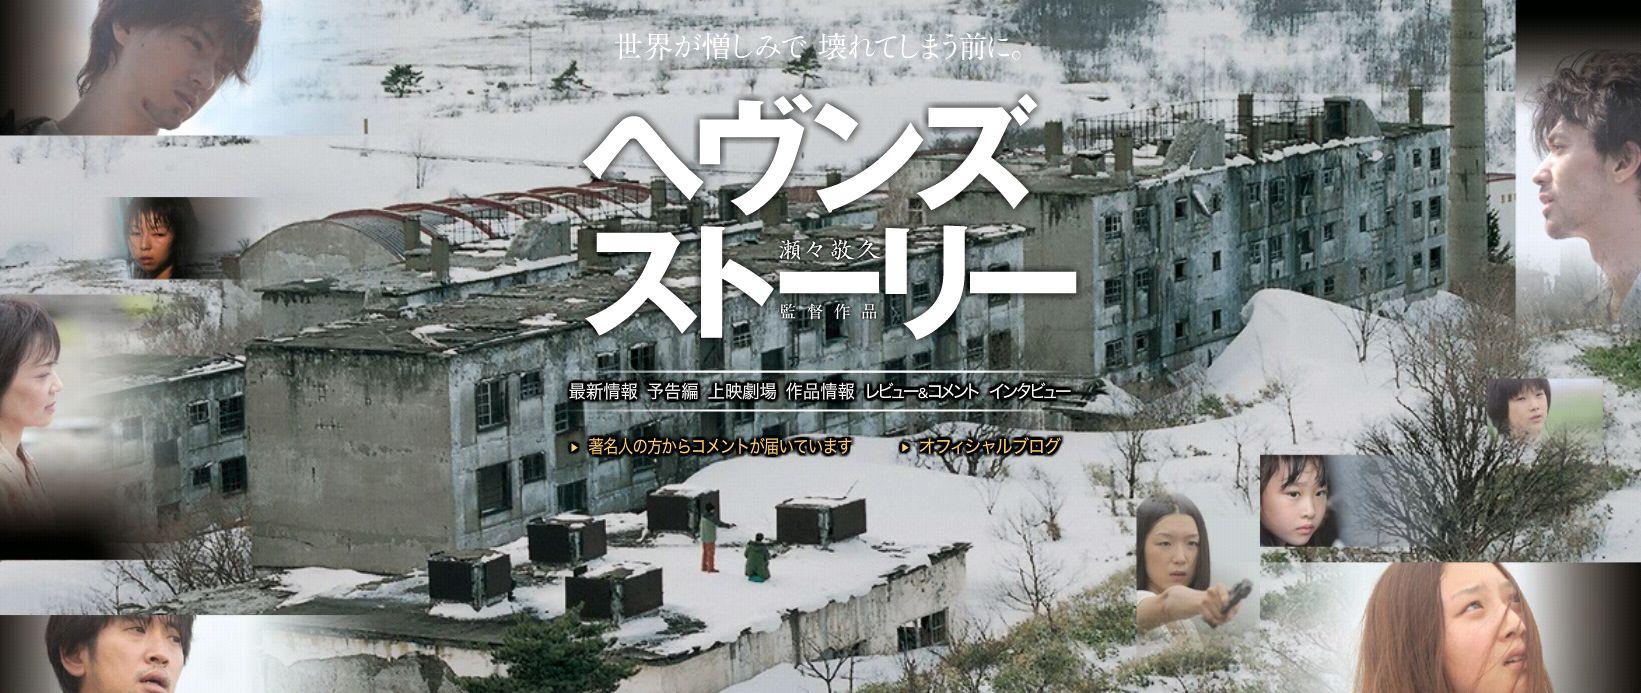 Screenshot von der offiziellen Homepage des Films unter http://heavens-story.com